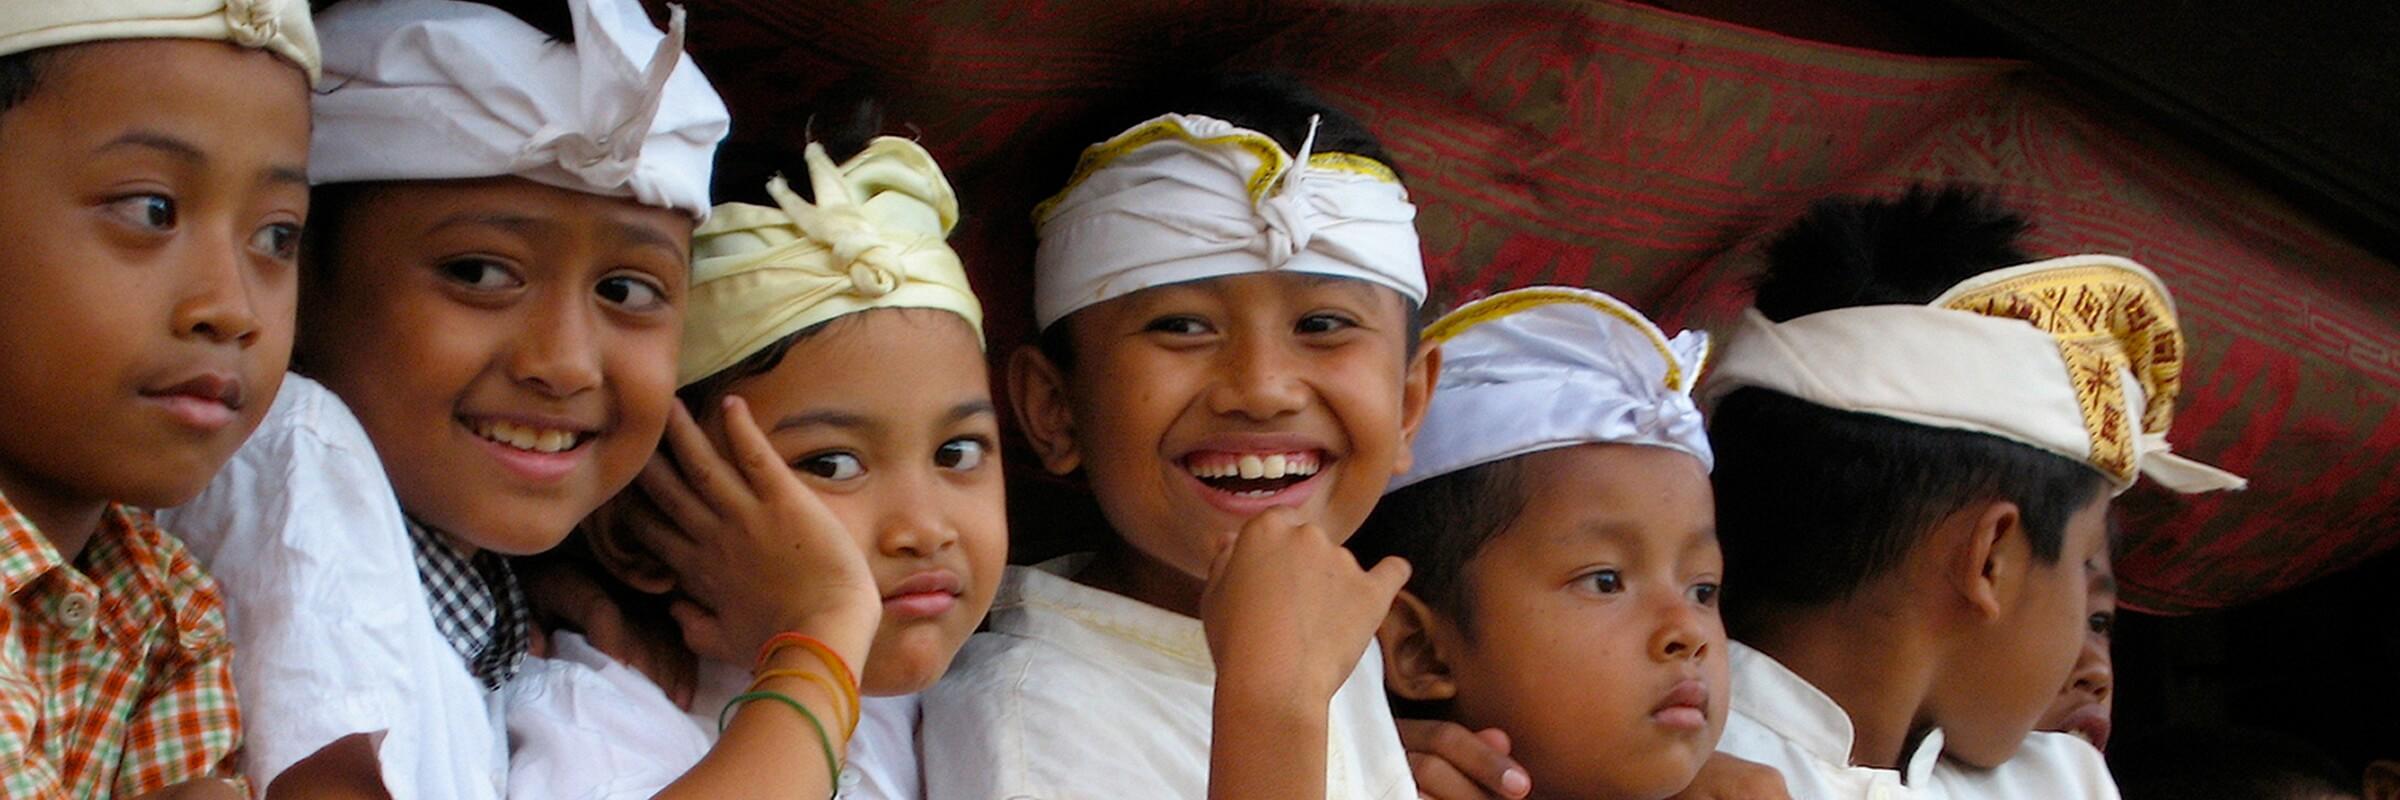 Die farbenfrohen Festivals auf Bali sind gerade für Kinder besondere Ereignisse.